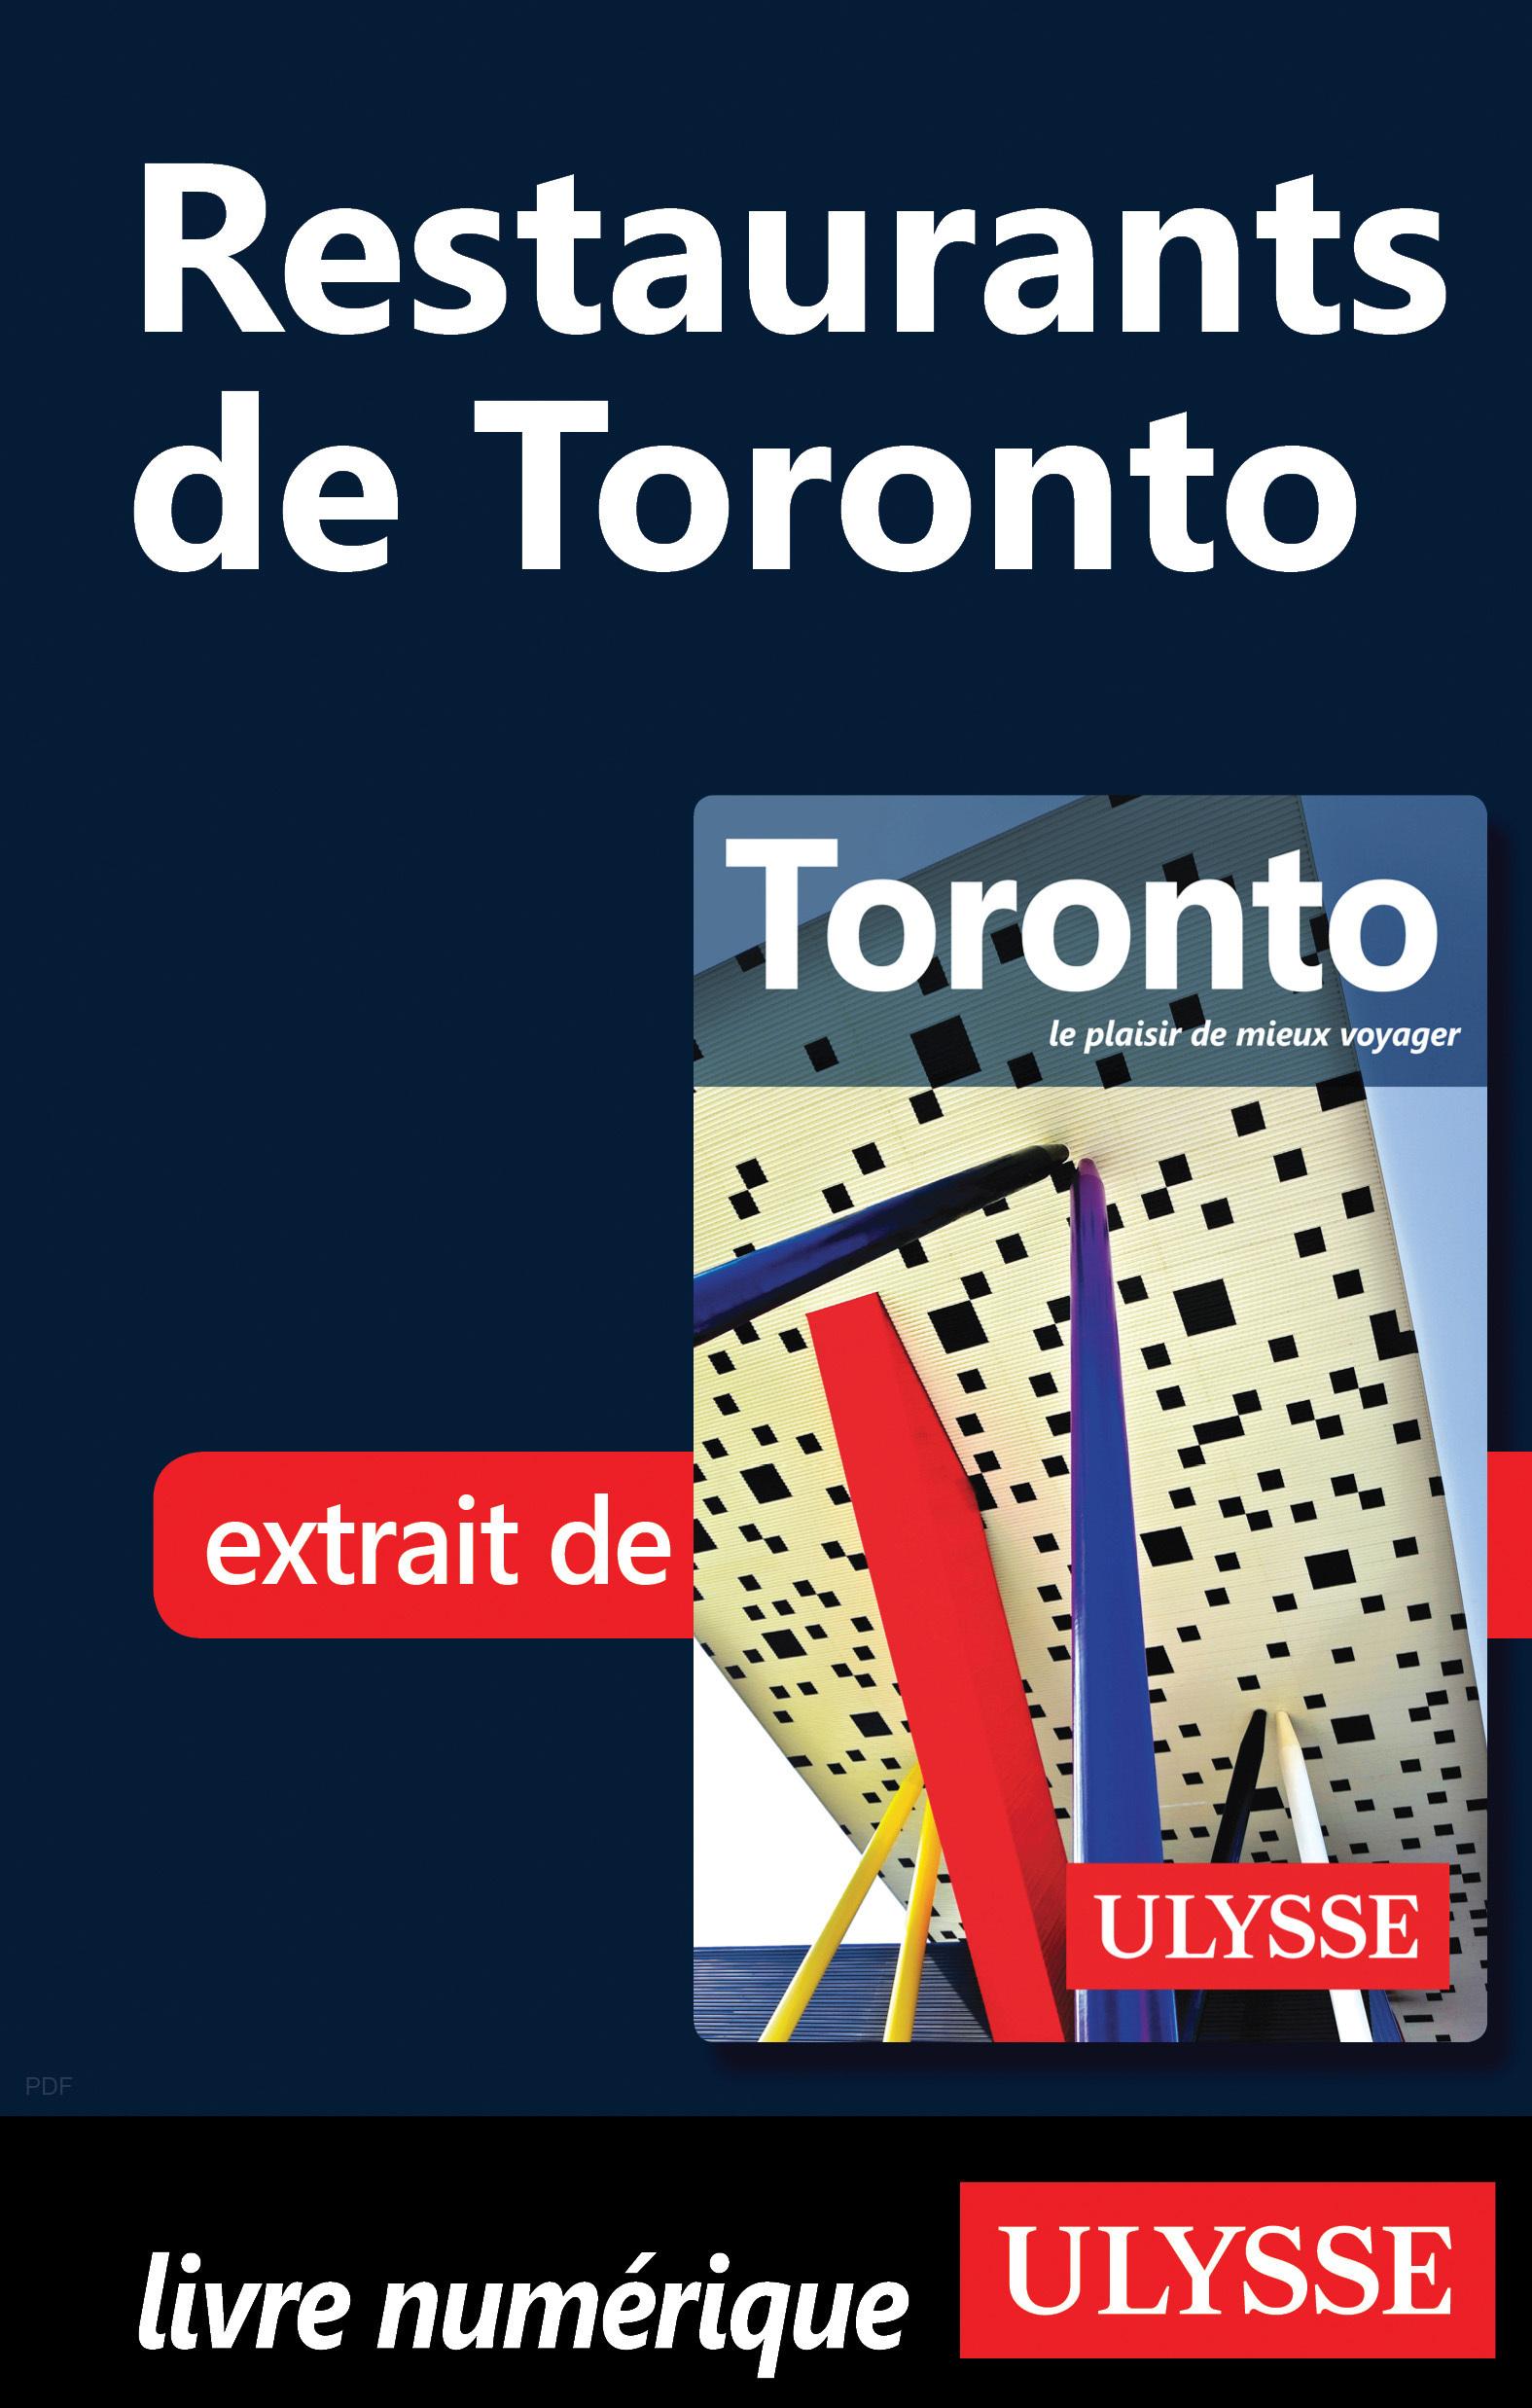 Restaurants de Toronto